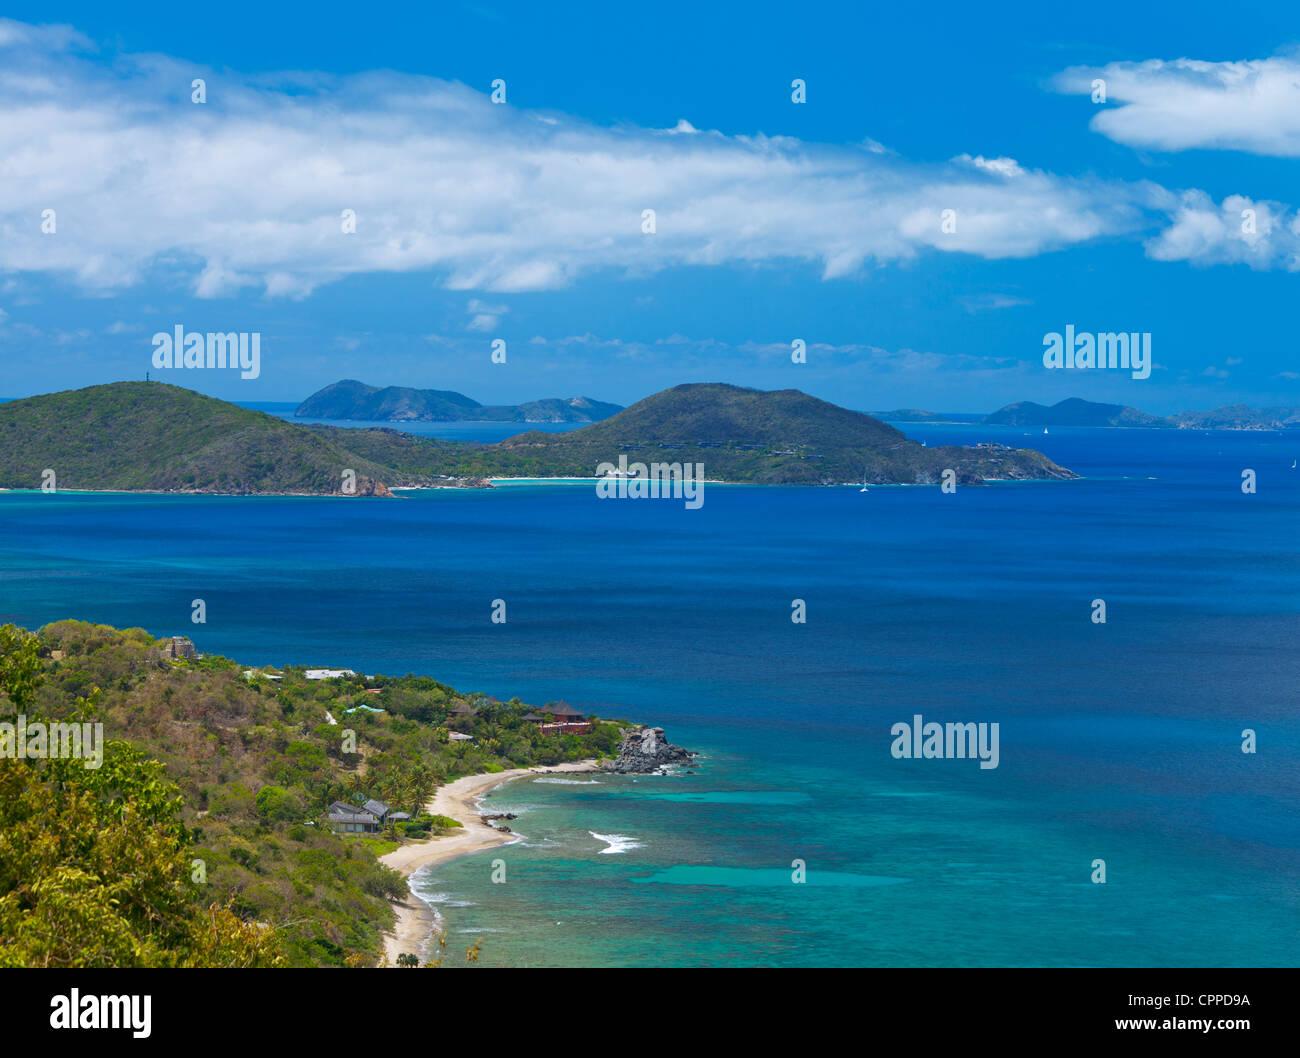 Virgen Gorda, Islas Vírgenes Británicas, el Caribe Vista de Tórtola en el Sir Francis Drake Channel Imagen De Stock